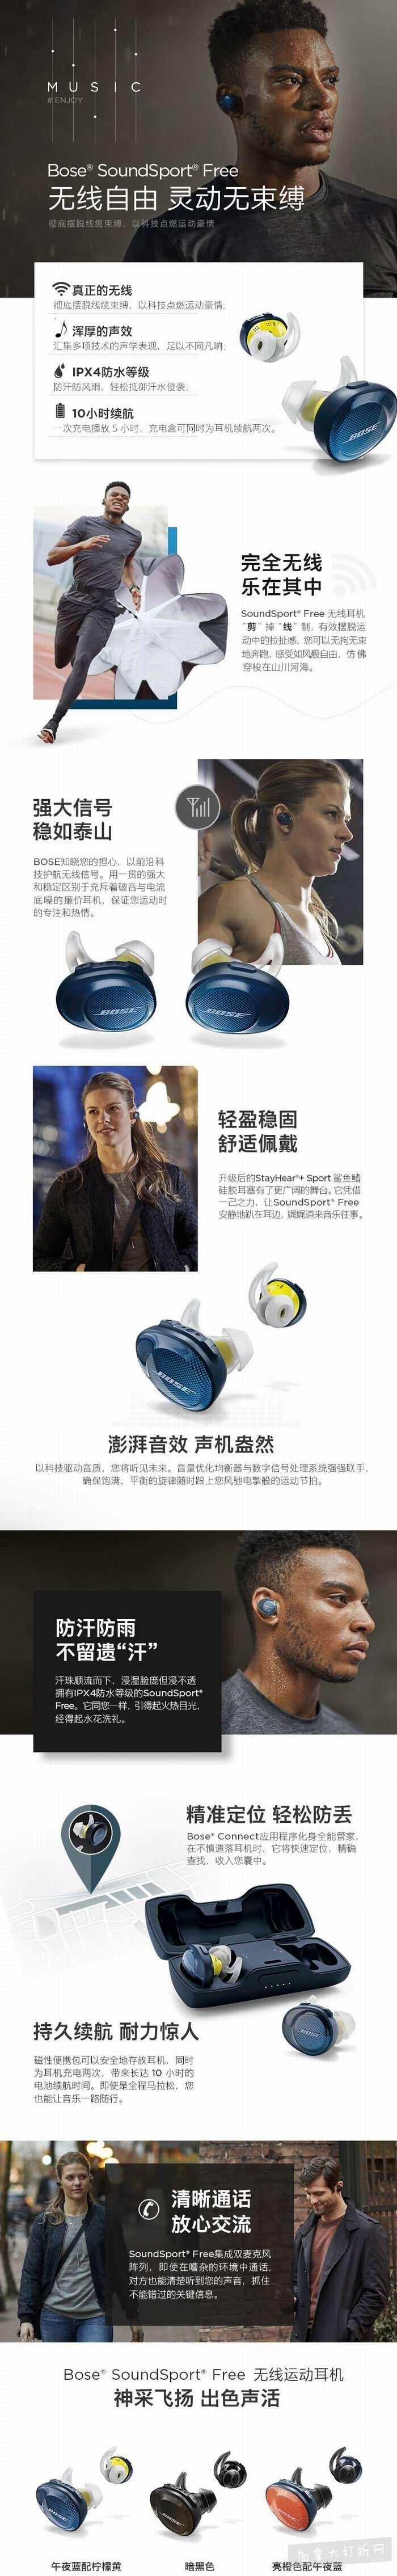 历史新低!Bose SoundSport Free 全新分离式 真无线蓝牙 运动耳机 219加元包邮!3色可选!